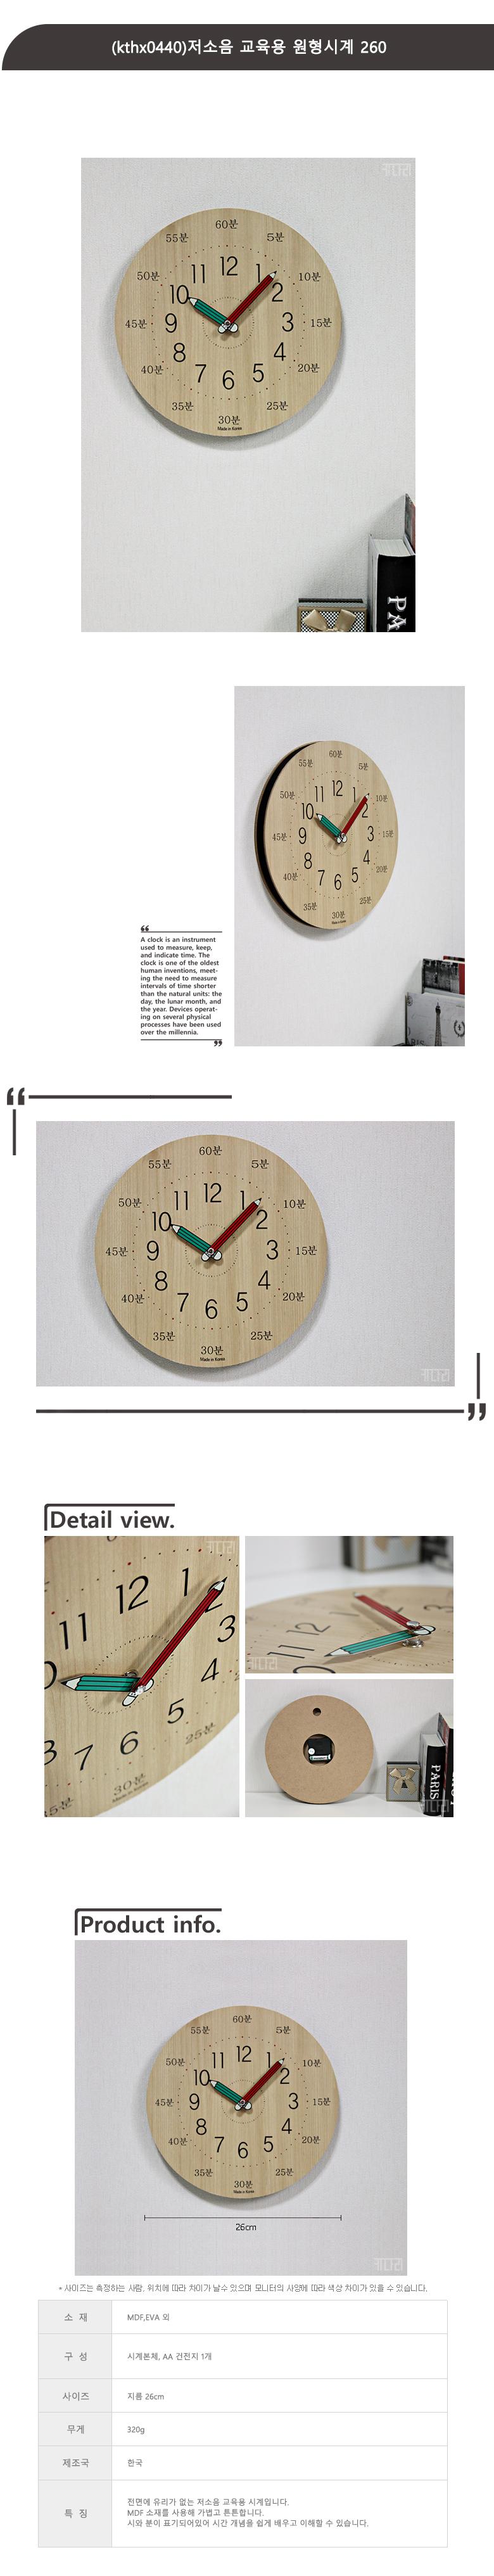 (kthx0440)저소음 교육용 원형시계 260 - 키다리, 14,000원, 벽시계, 우드벽시계